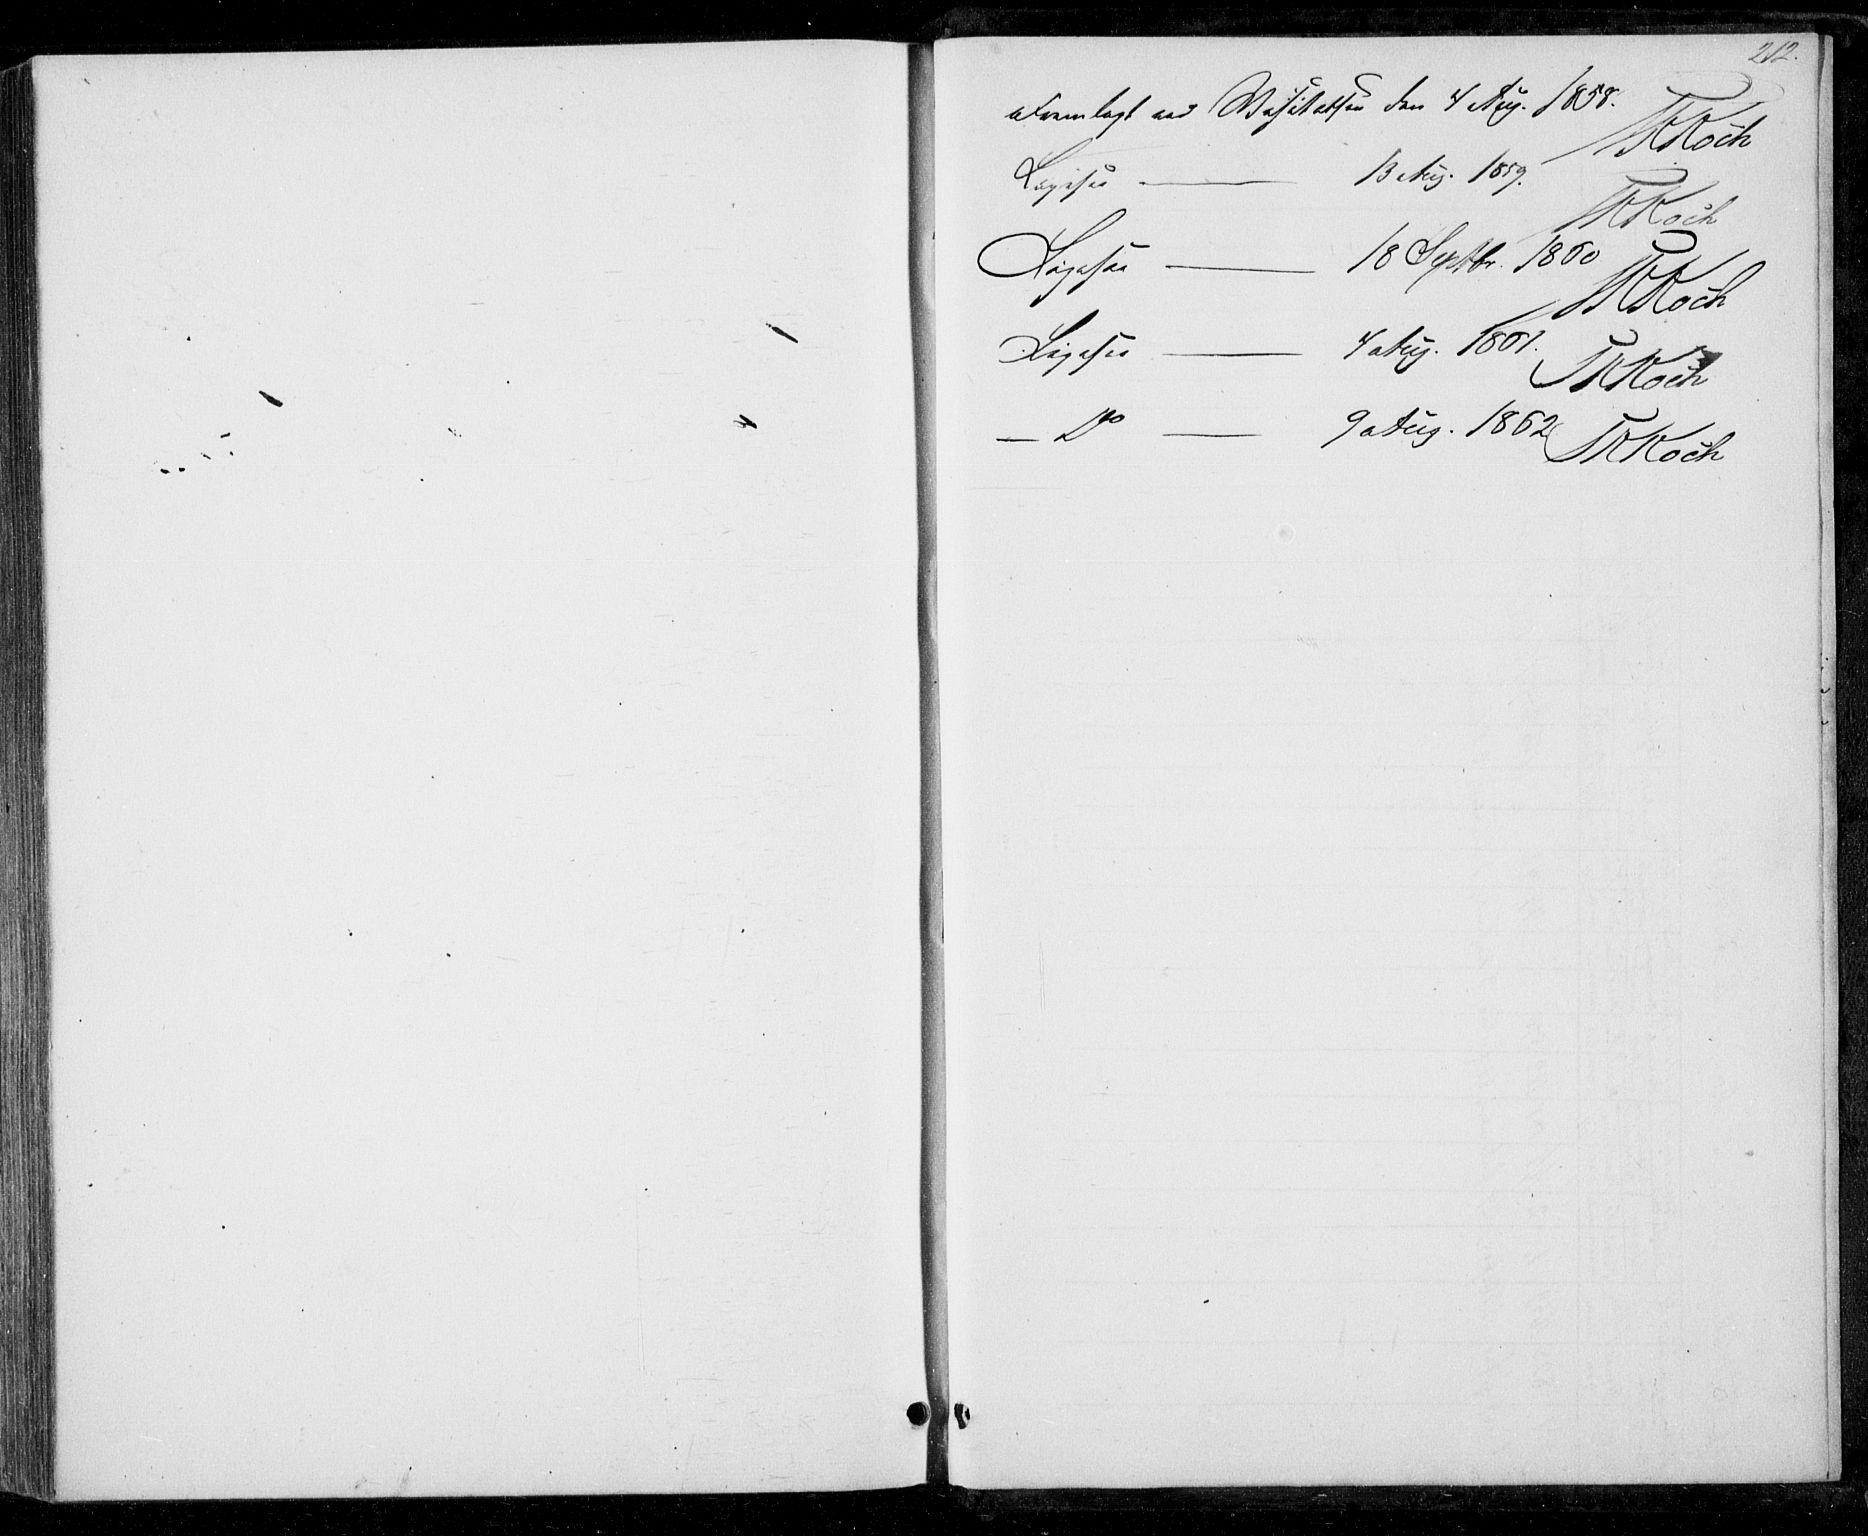 SAT, Ministerialprotokoller, klokkerbøker og fødselsregistre - Nord-Trøndelag, 706/L0040: Ministerialbok nr. 706A01, 1850-1861, s. 212